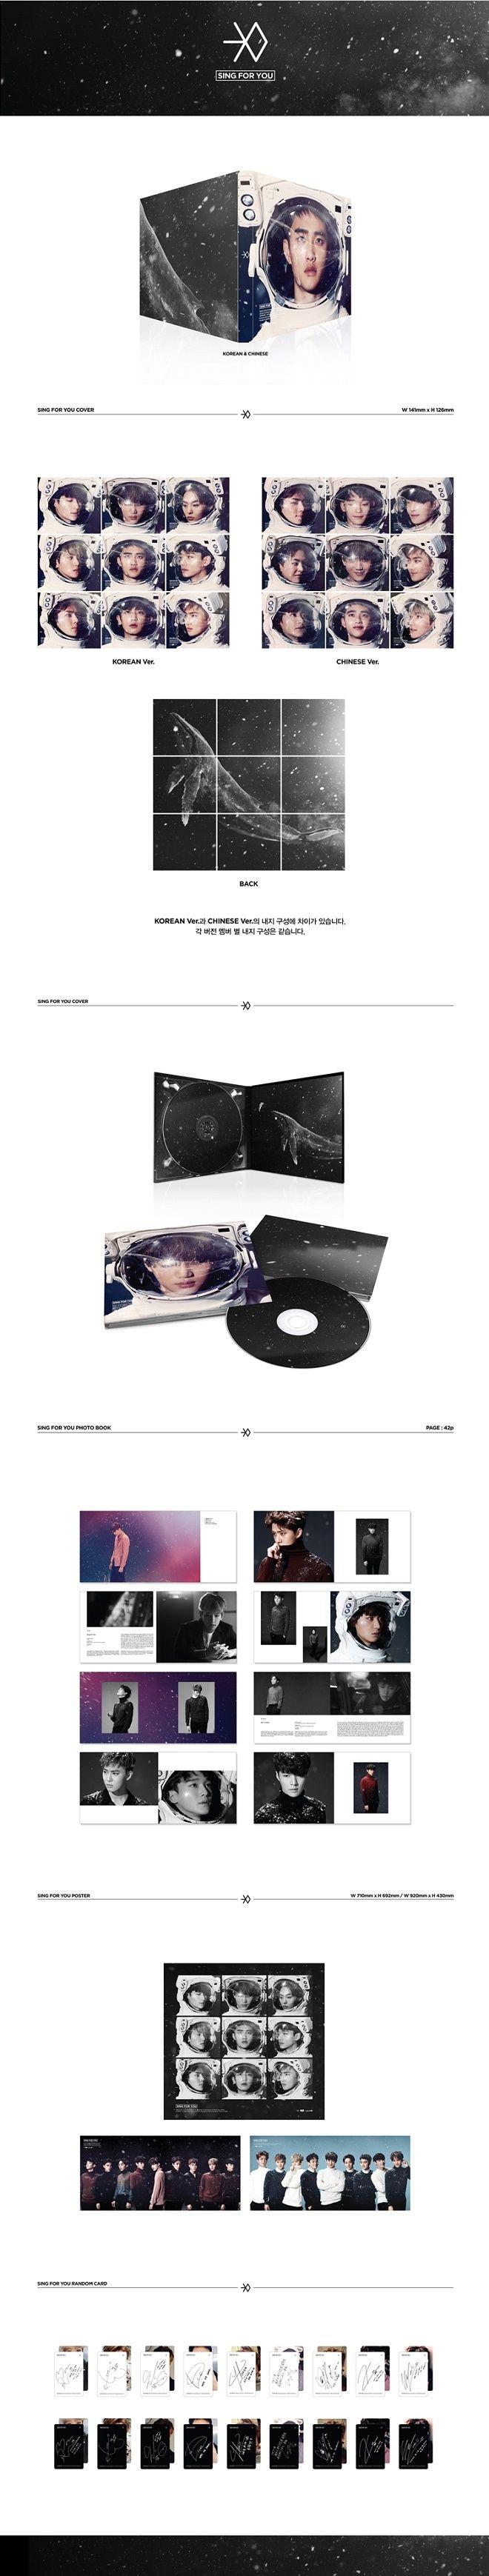 EXO (엑소) Winter Special Album - Sing For You (Korean Version) (édition coréenne) - ASIAWORLDMUSIC - Site de vente en ligne des magasins MUSICA